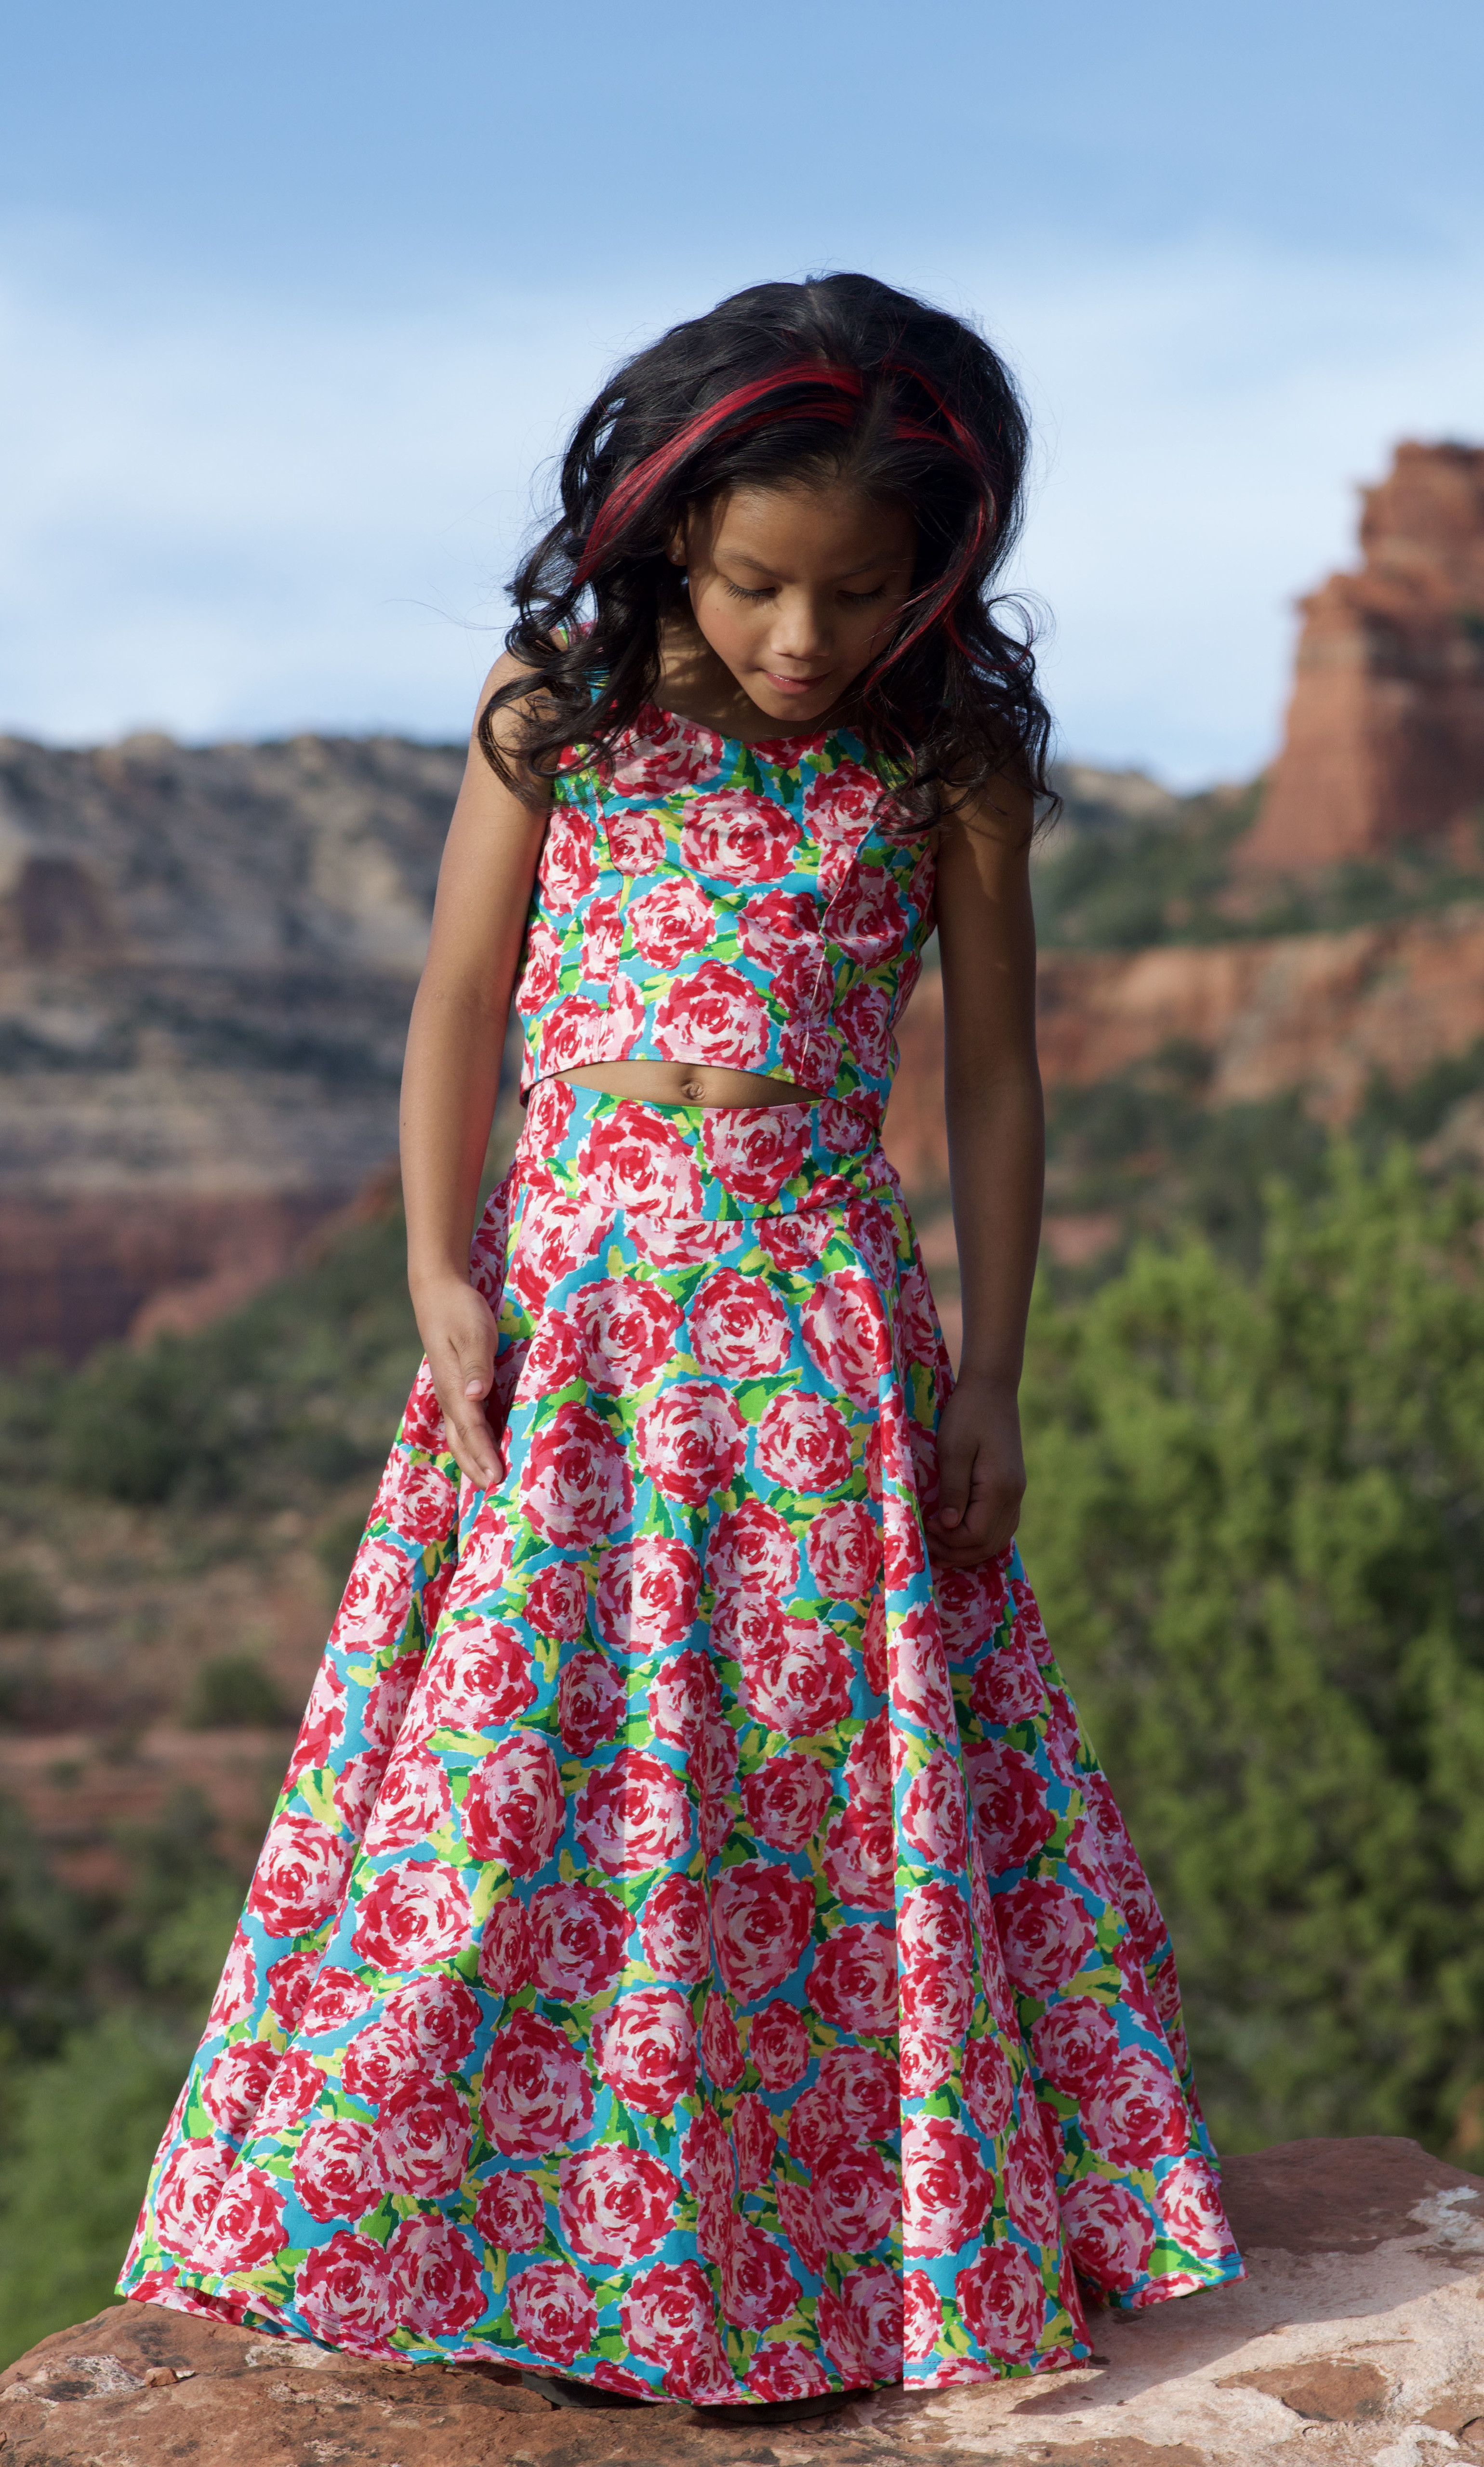 KaraLeigh's Dress Sizes 2T to 14 Kids PDF Pattern